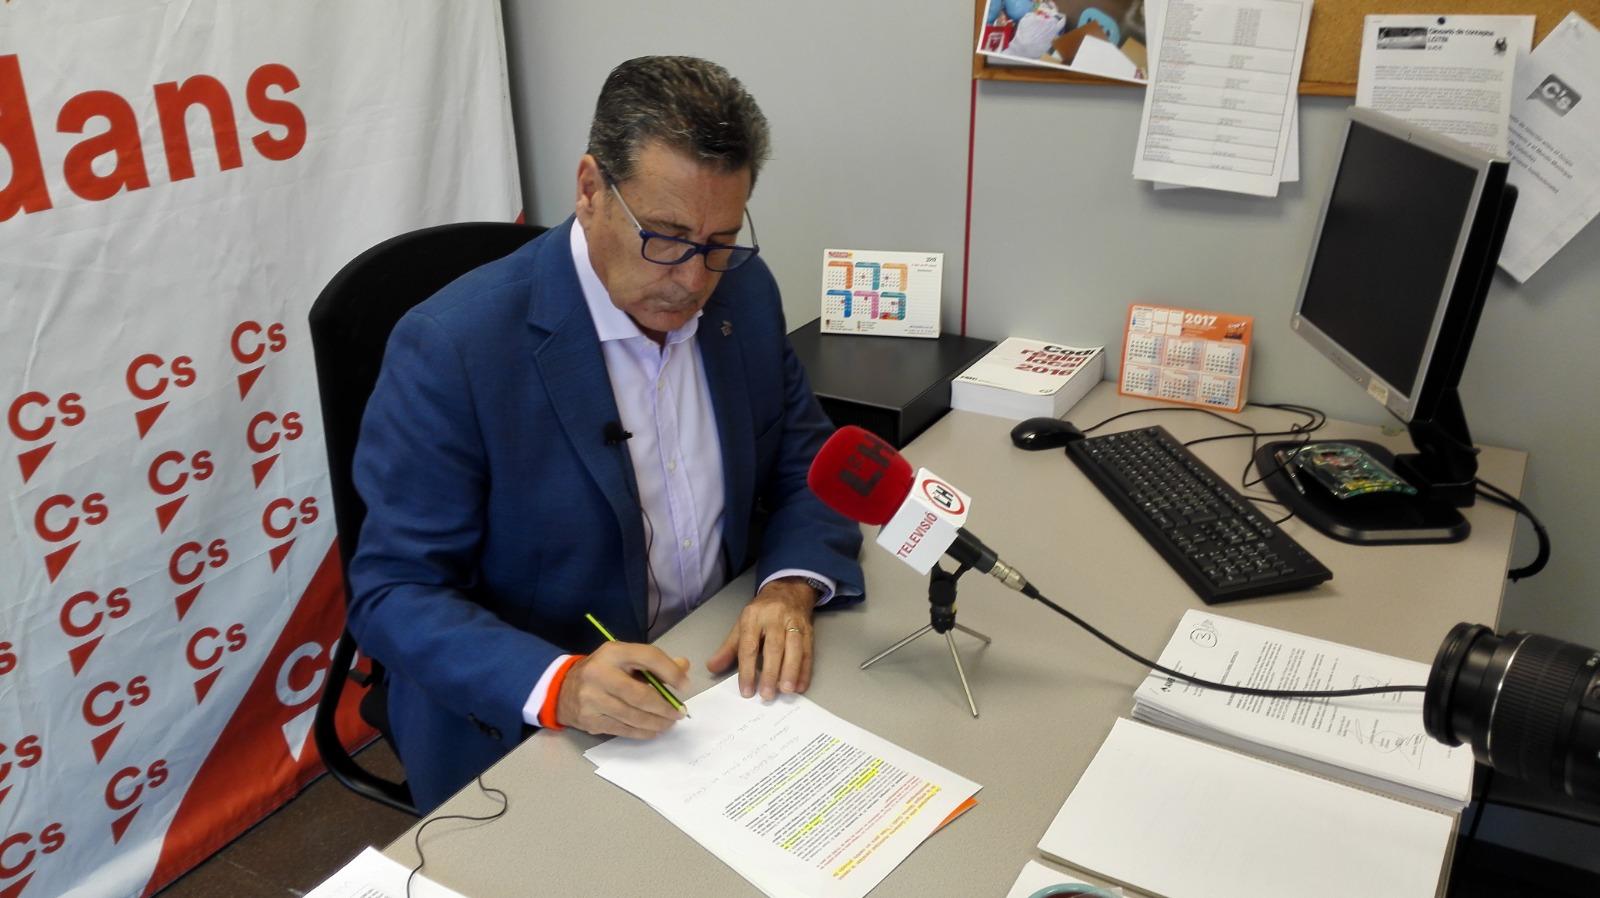 Miguel García, portavoz de Ciudadanos (Cs) en el Ayuntamiento de l'Hospitalet de Llobregat